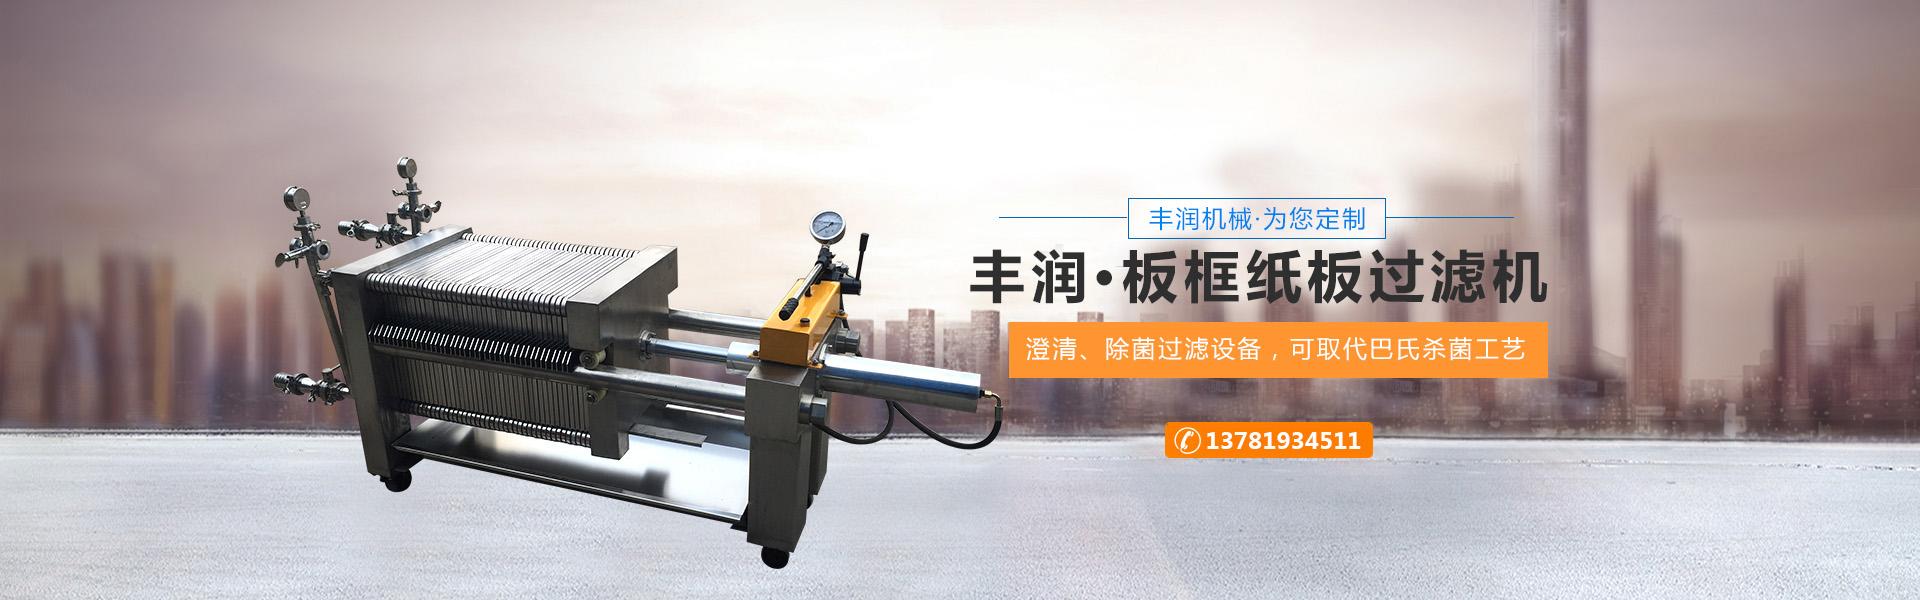 新乡市雷电竞下载官方版轻工机械有限公司